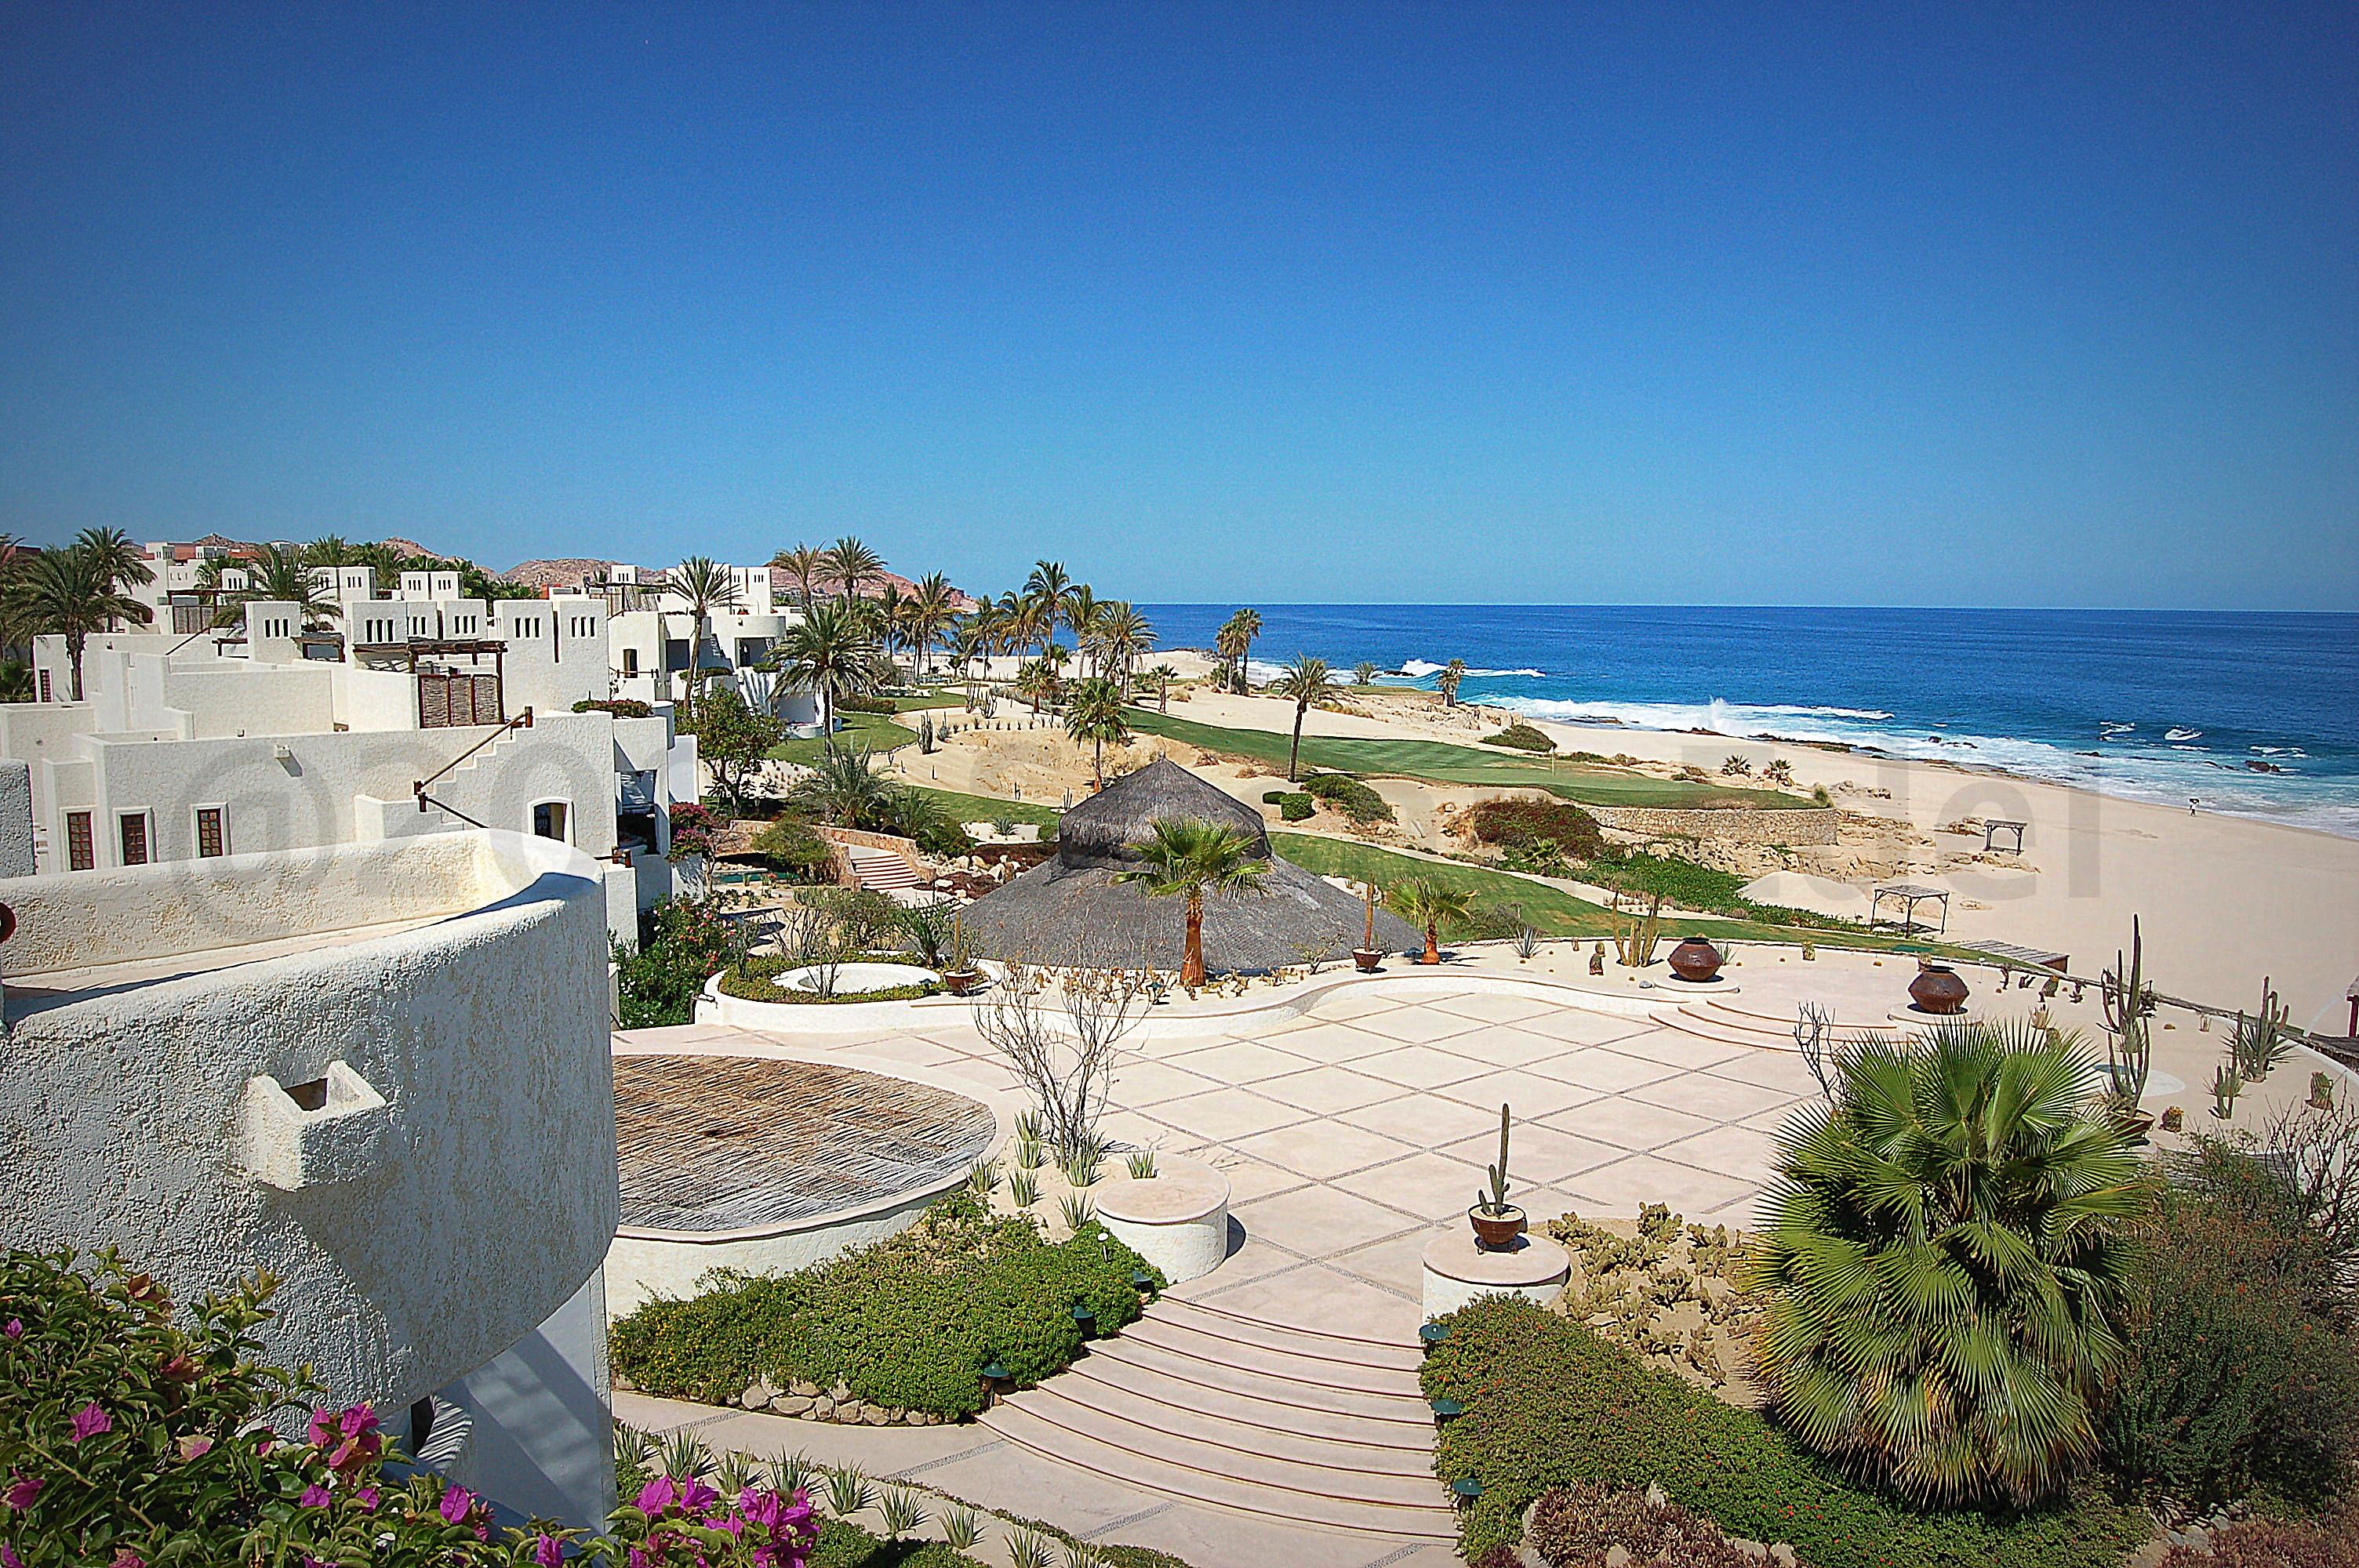 Las Ventanas Photo Gallery No Ordinary Resort